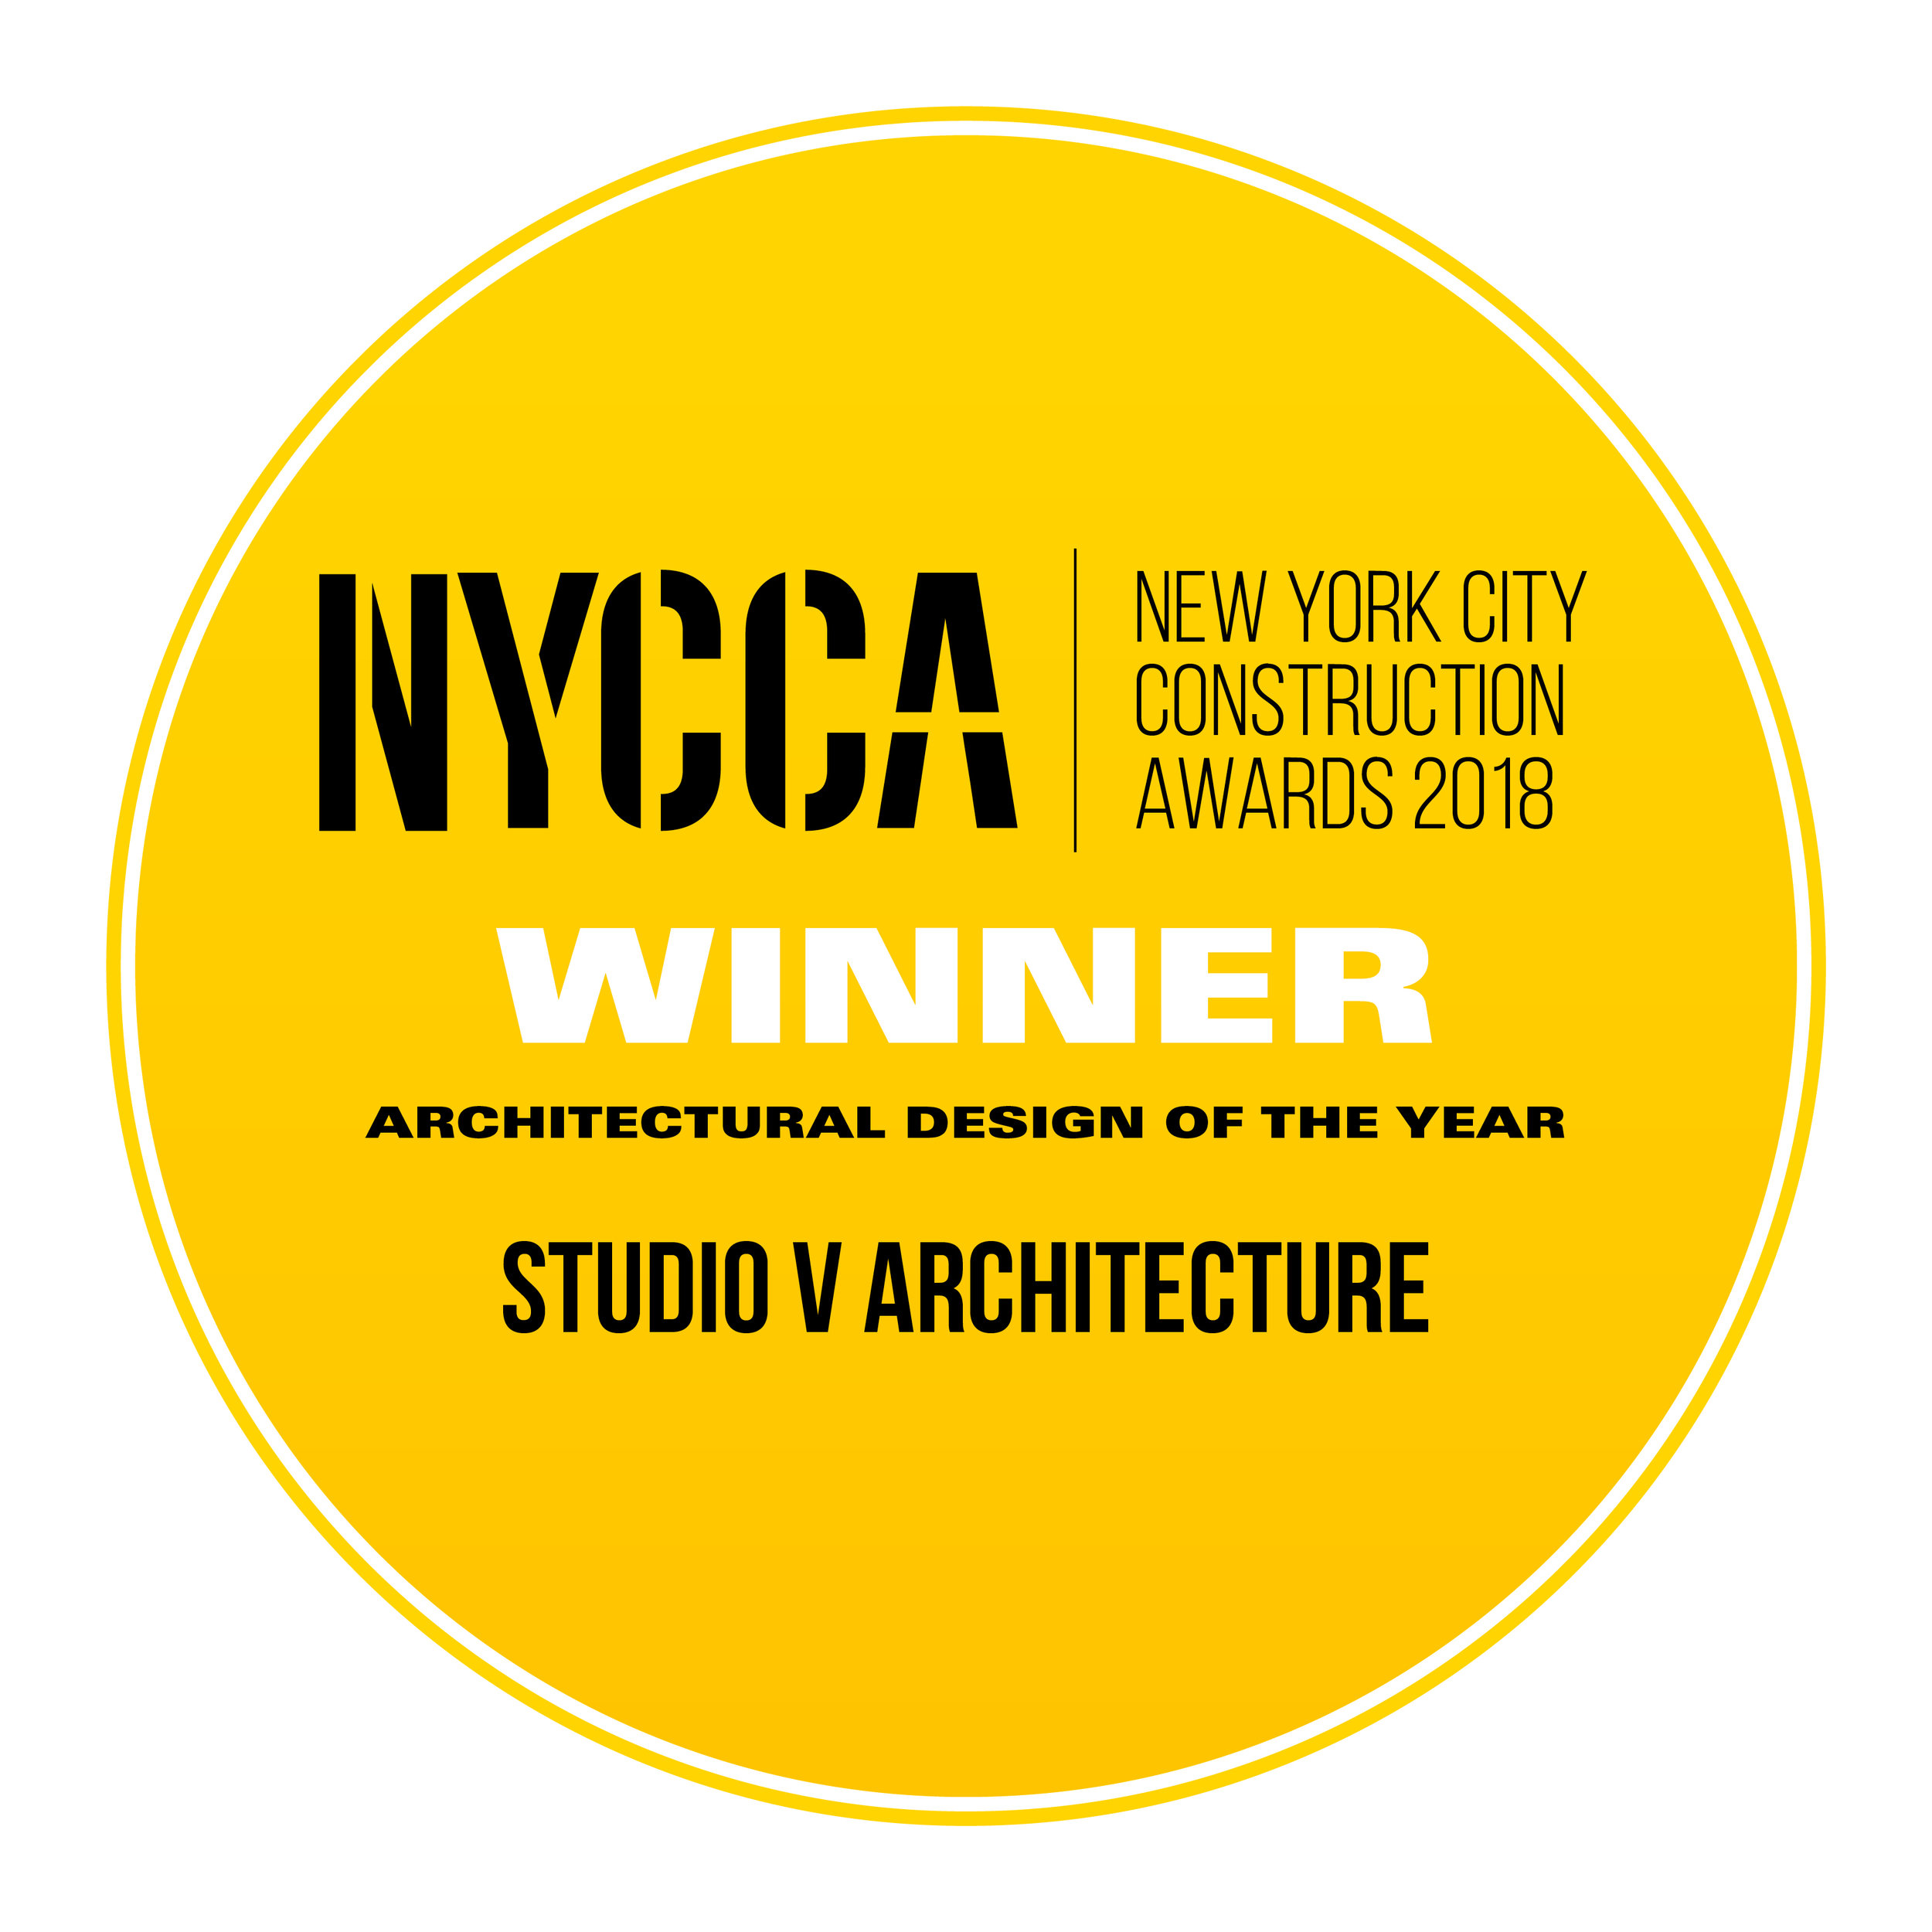 STUDIO V Architecture - Architectural Design of the Year